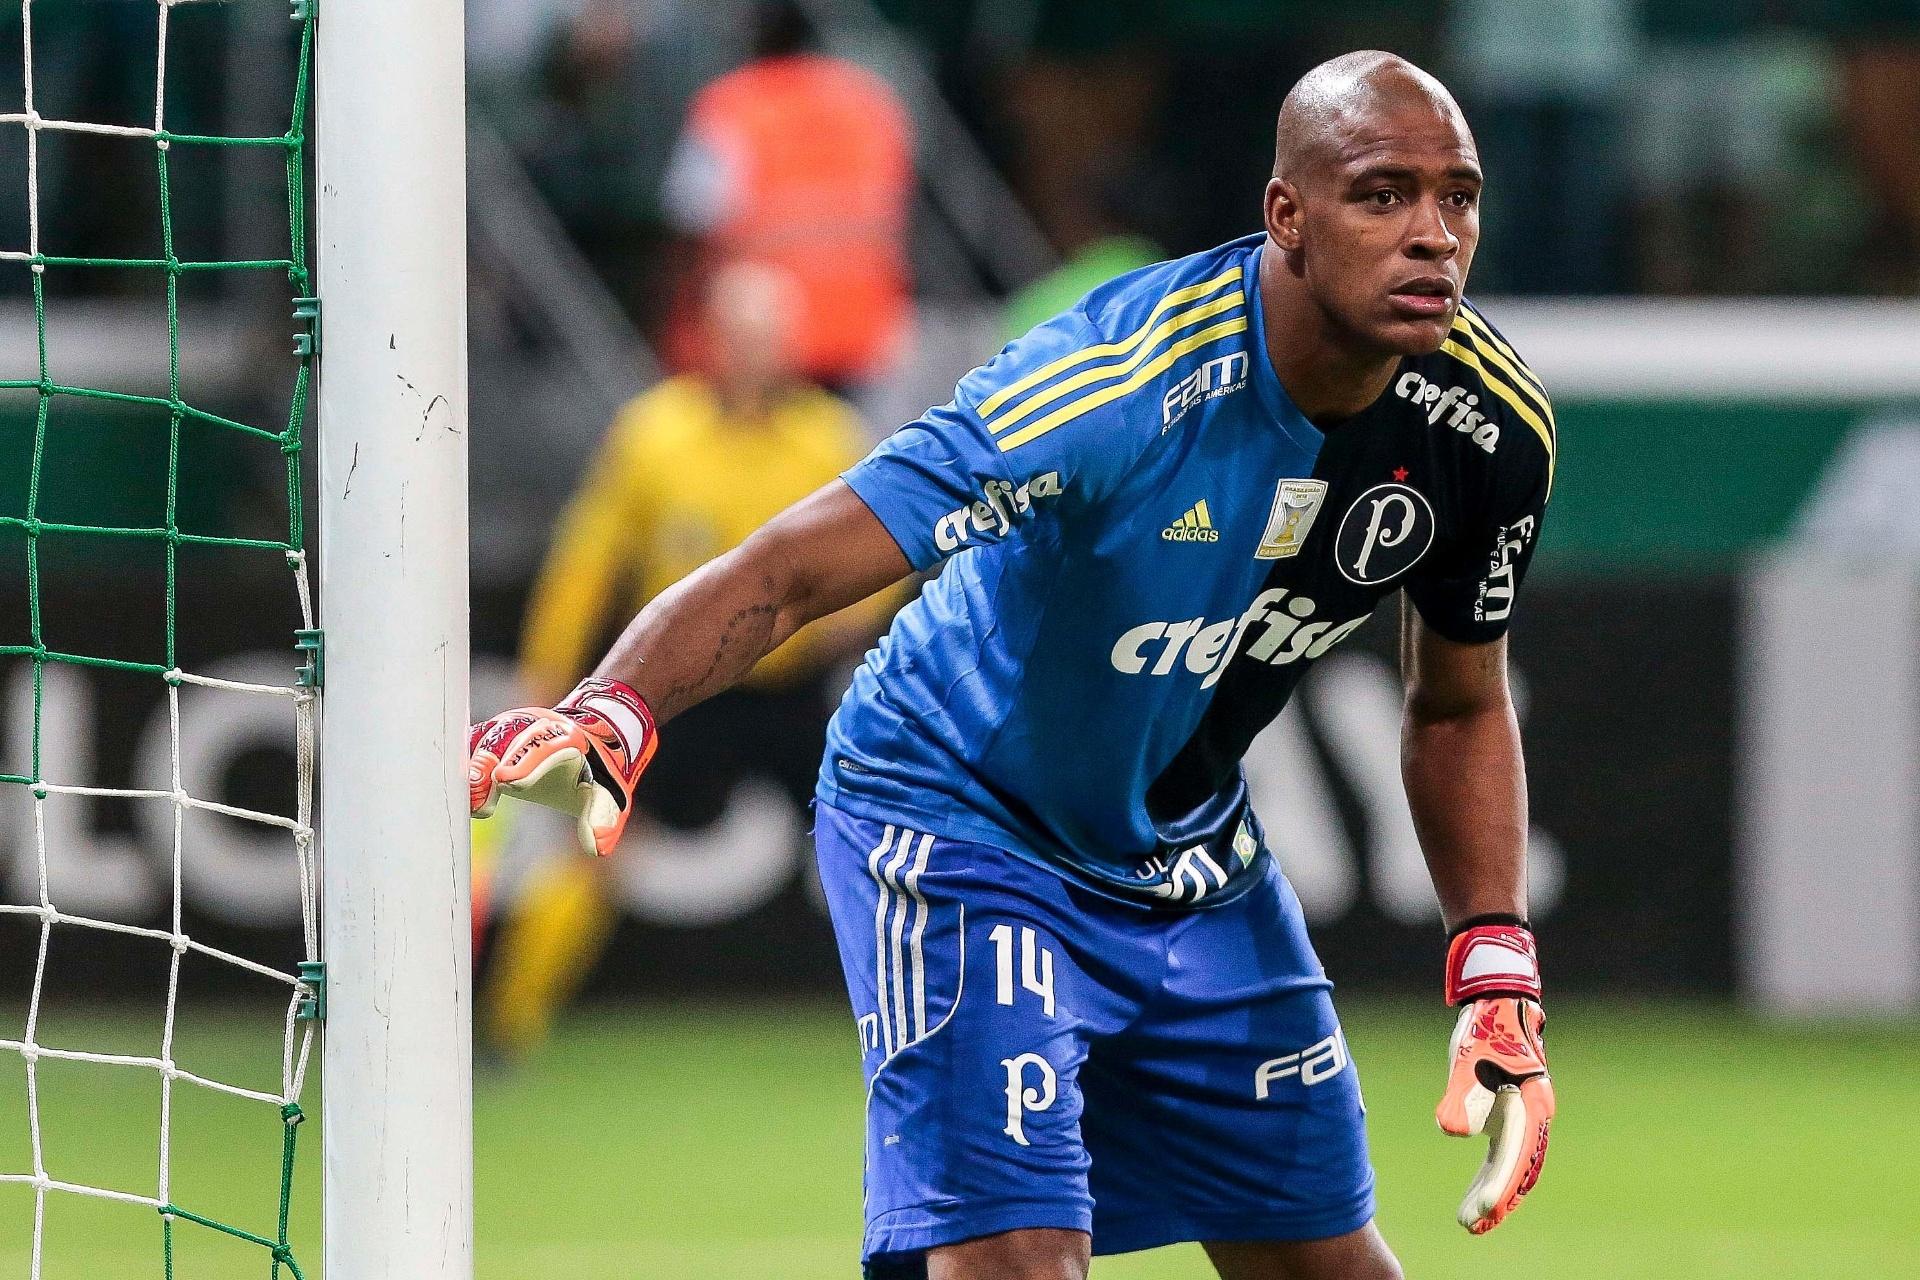 Jailson se destaca no início de 2018 e justifica titularidade no Palmeiras  - 26 01 2018 - UOL Esporte 417350b4fe4b1